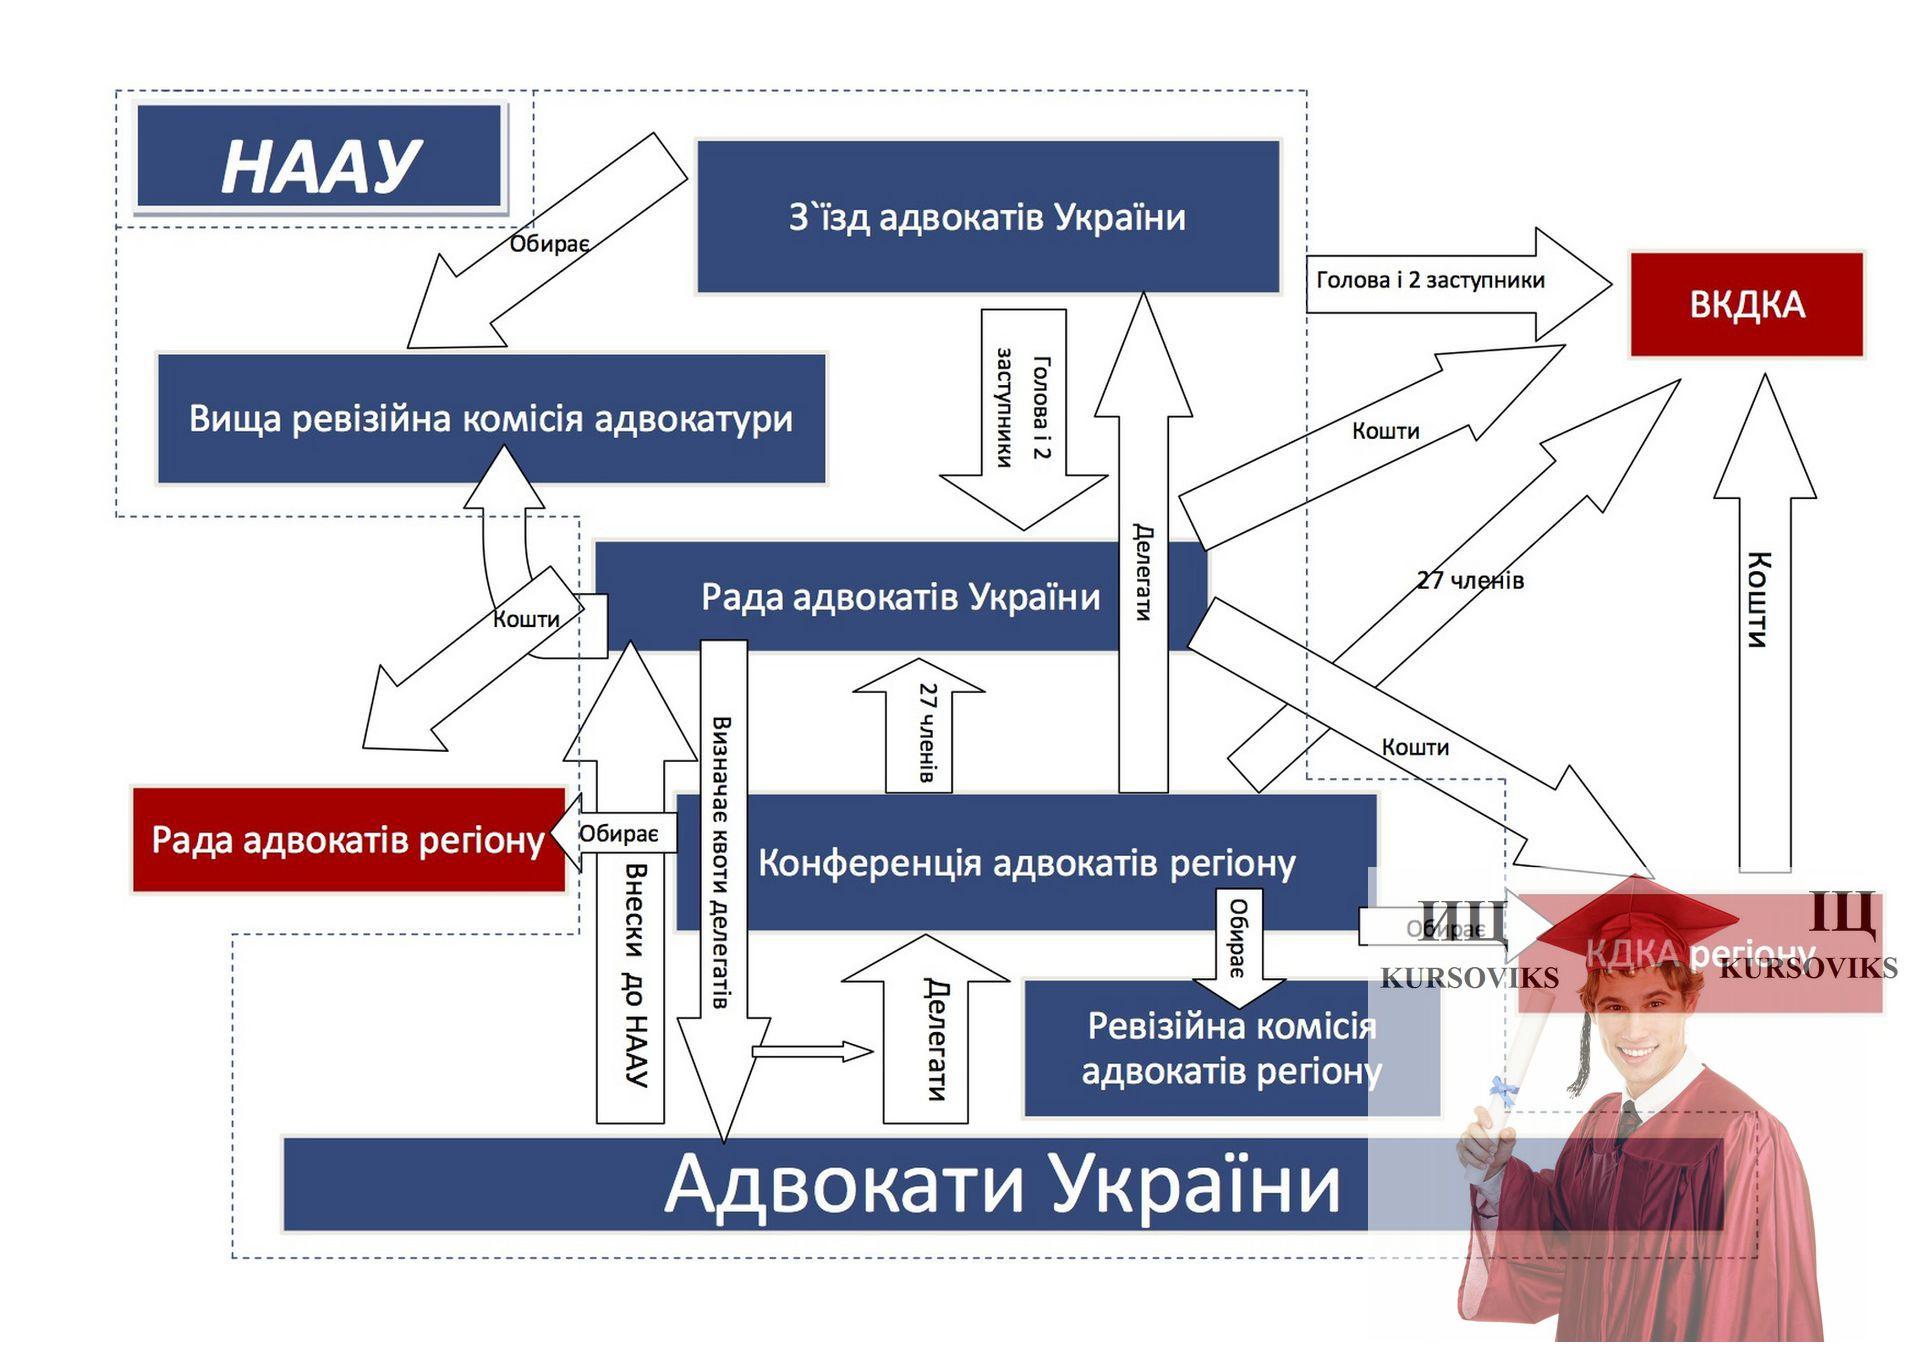 Предмет адвокатура Украины Адвокатура Украины База готовых работ  Адвокаты адвокатуры Украины